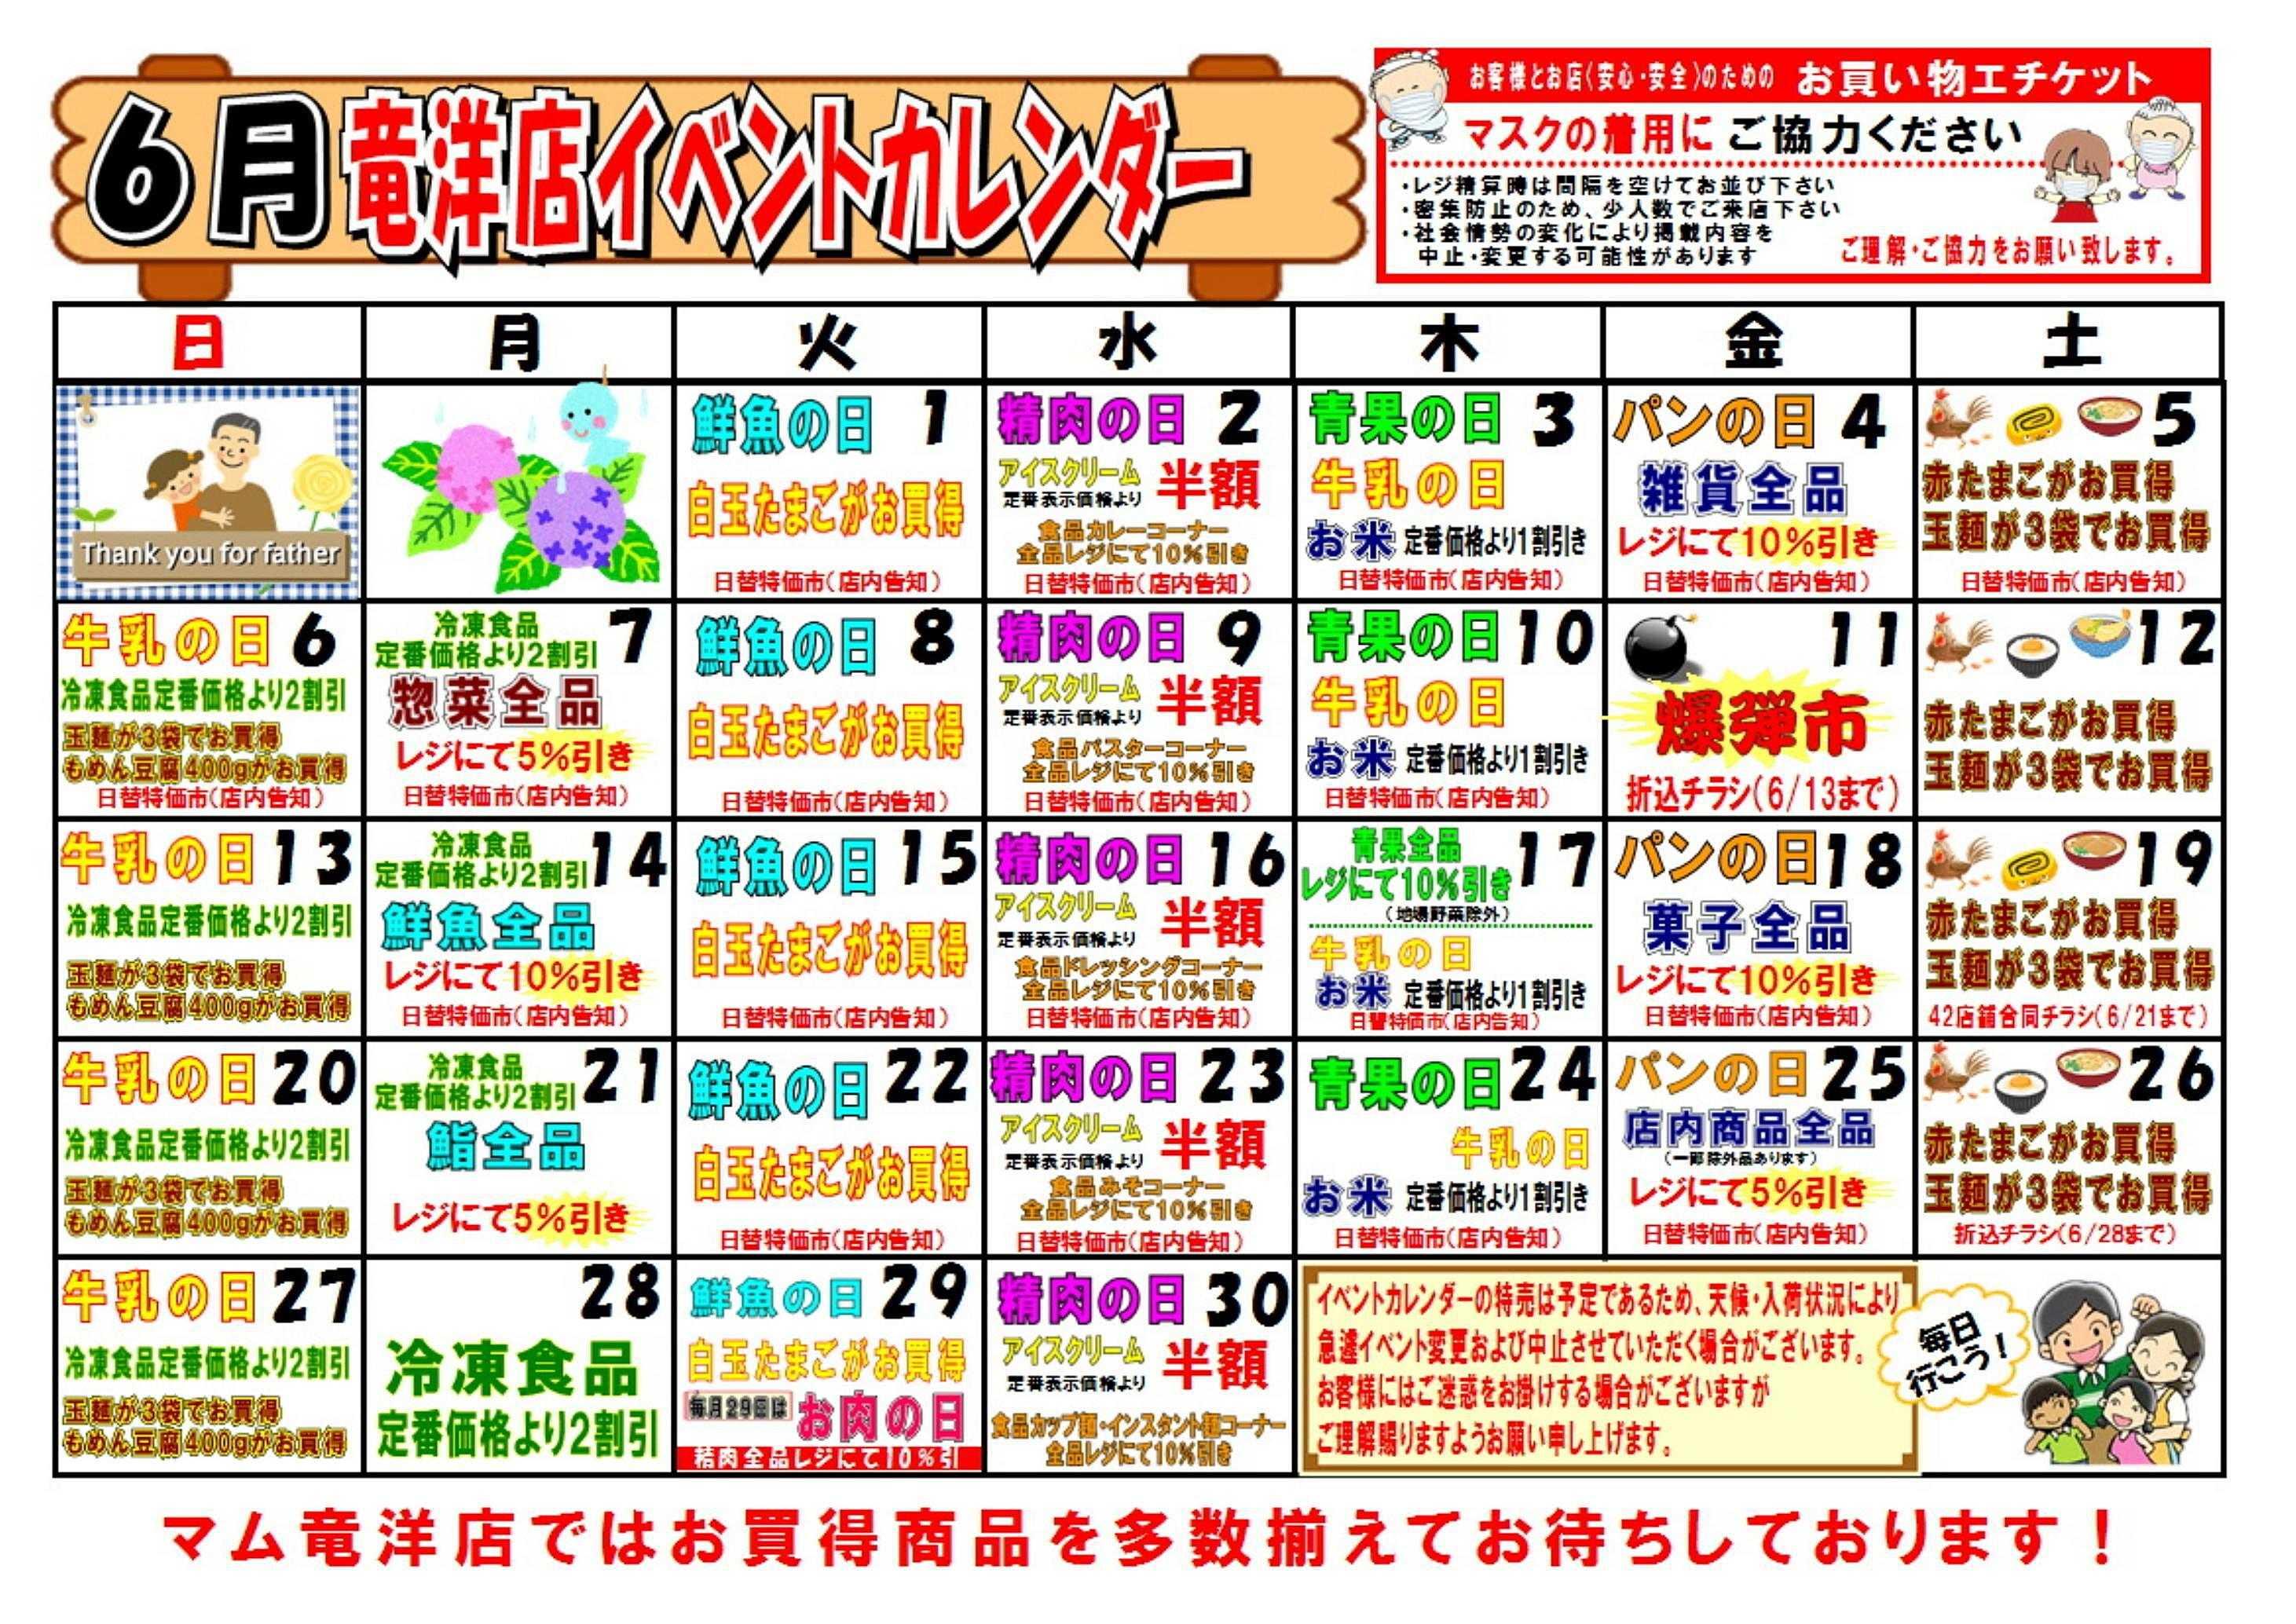 フードマーケット マム 竜洋 イベントカレンダー